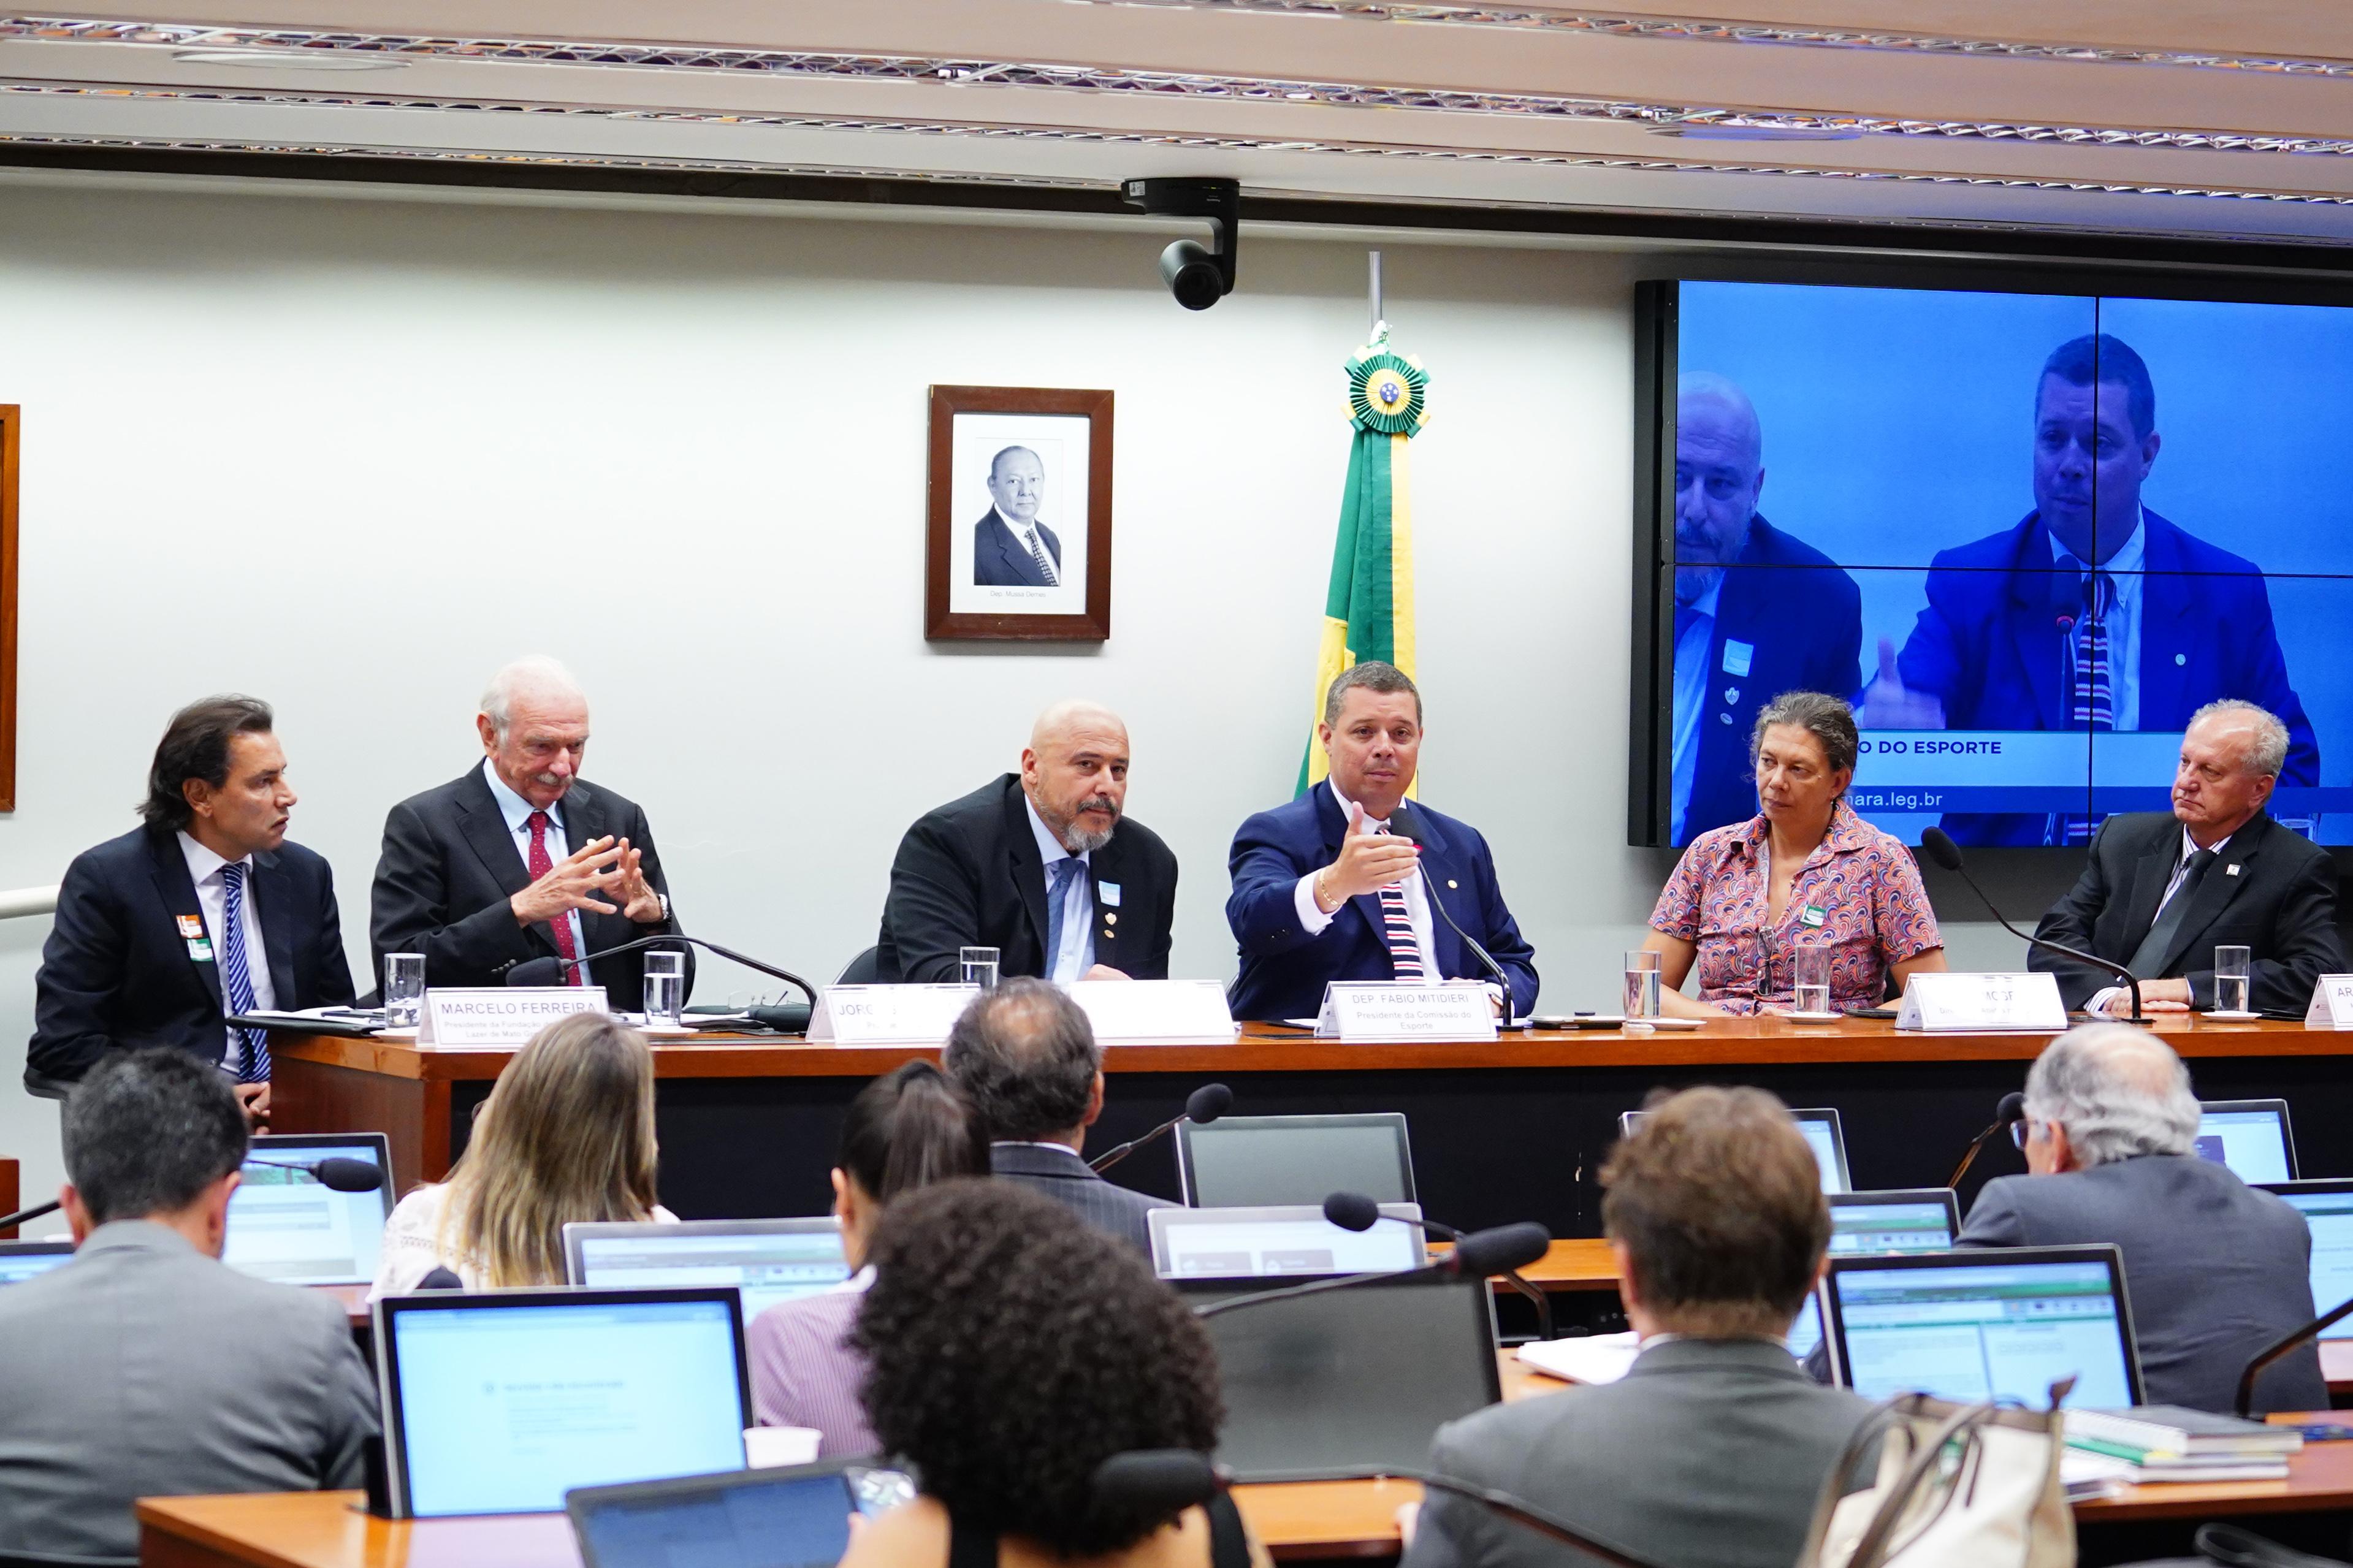 Audiência Pública sobre a implementação do Plano Nacional do Desporto